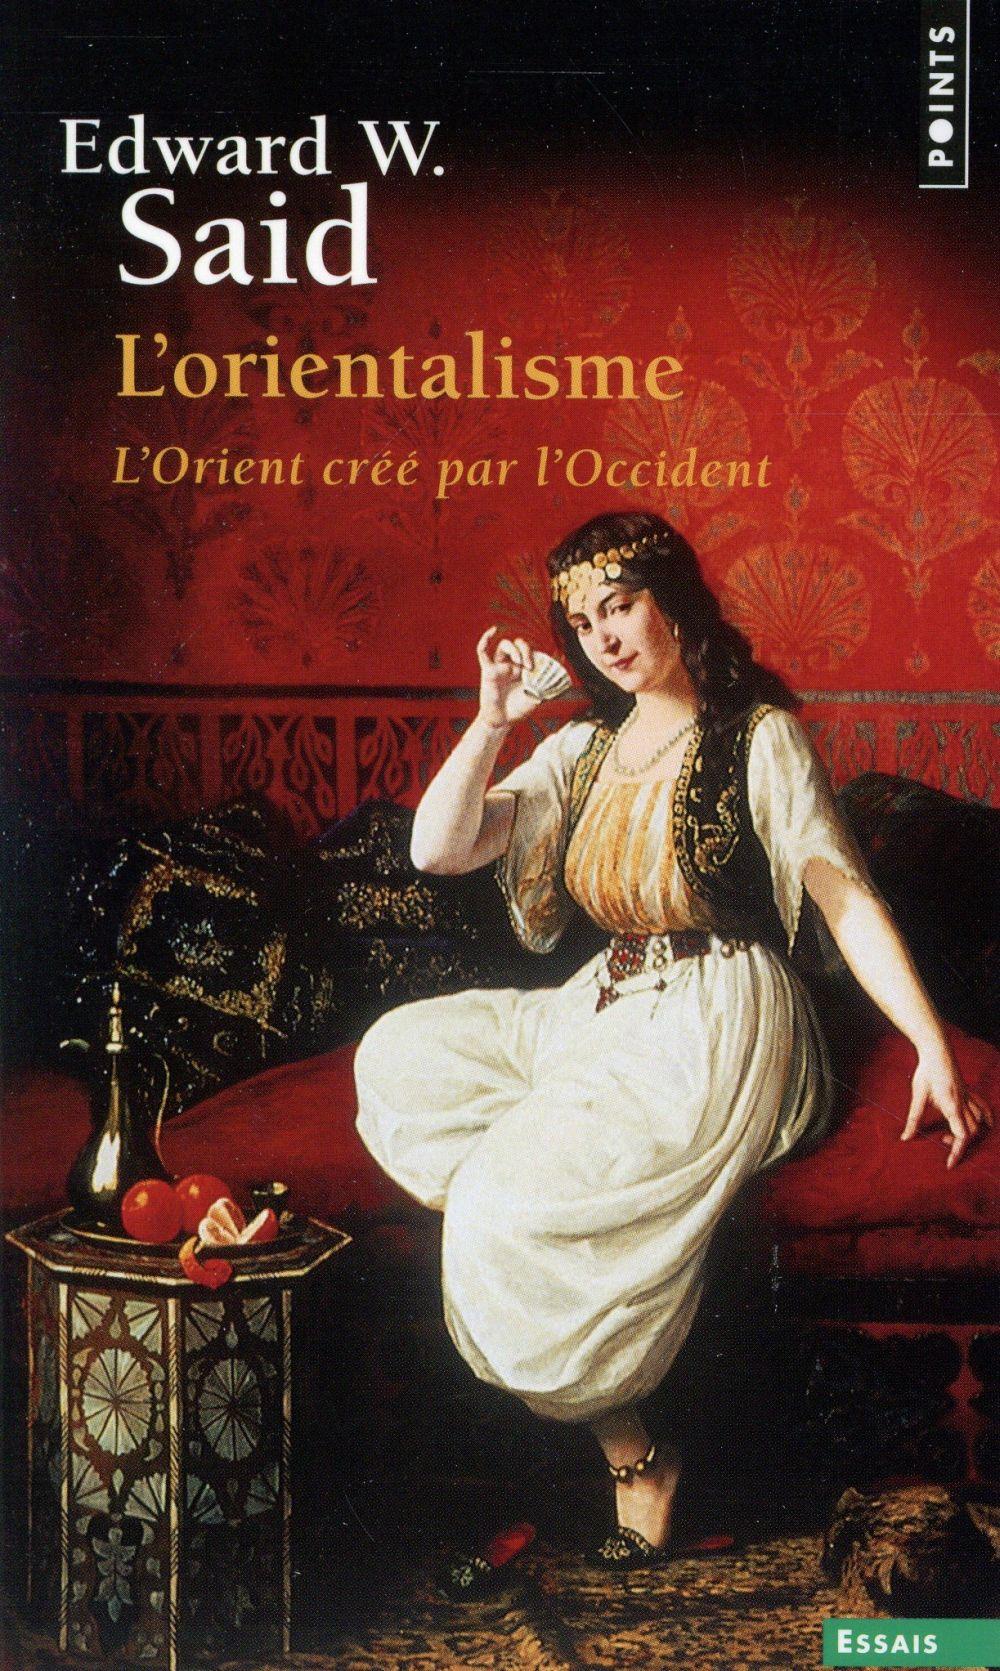 L'orientalisme. l'orient cree par l'occident